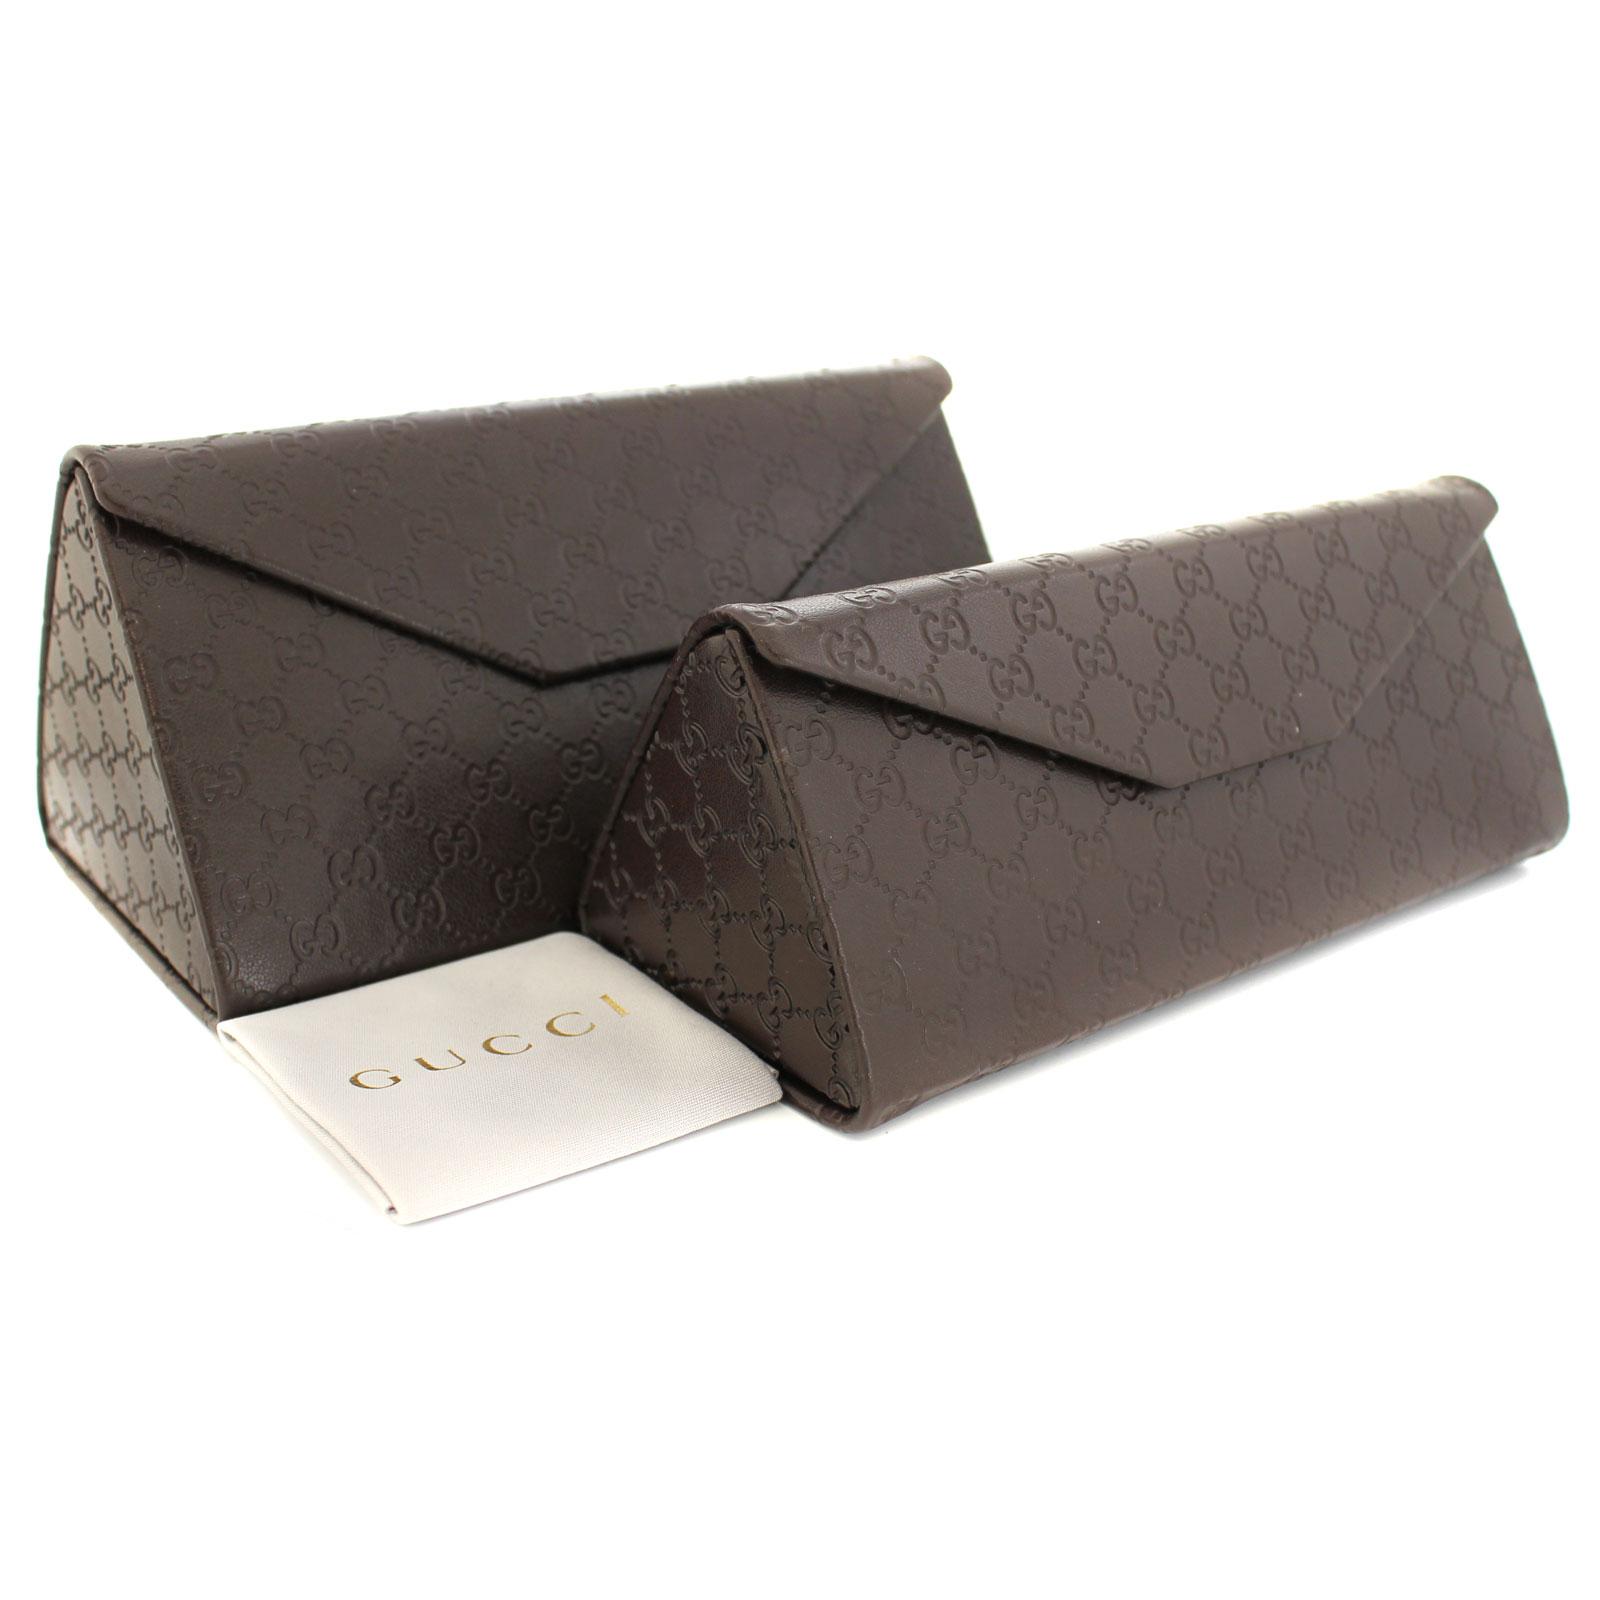 gucci sonnenbrille 3786 lwd dx schwarz gummi dunkel grau verlauf ebay. Black Bedroom Furniture Sets. Home Design Ideas